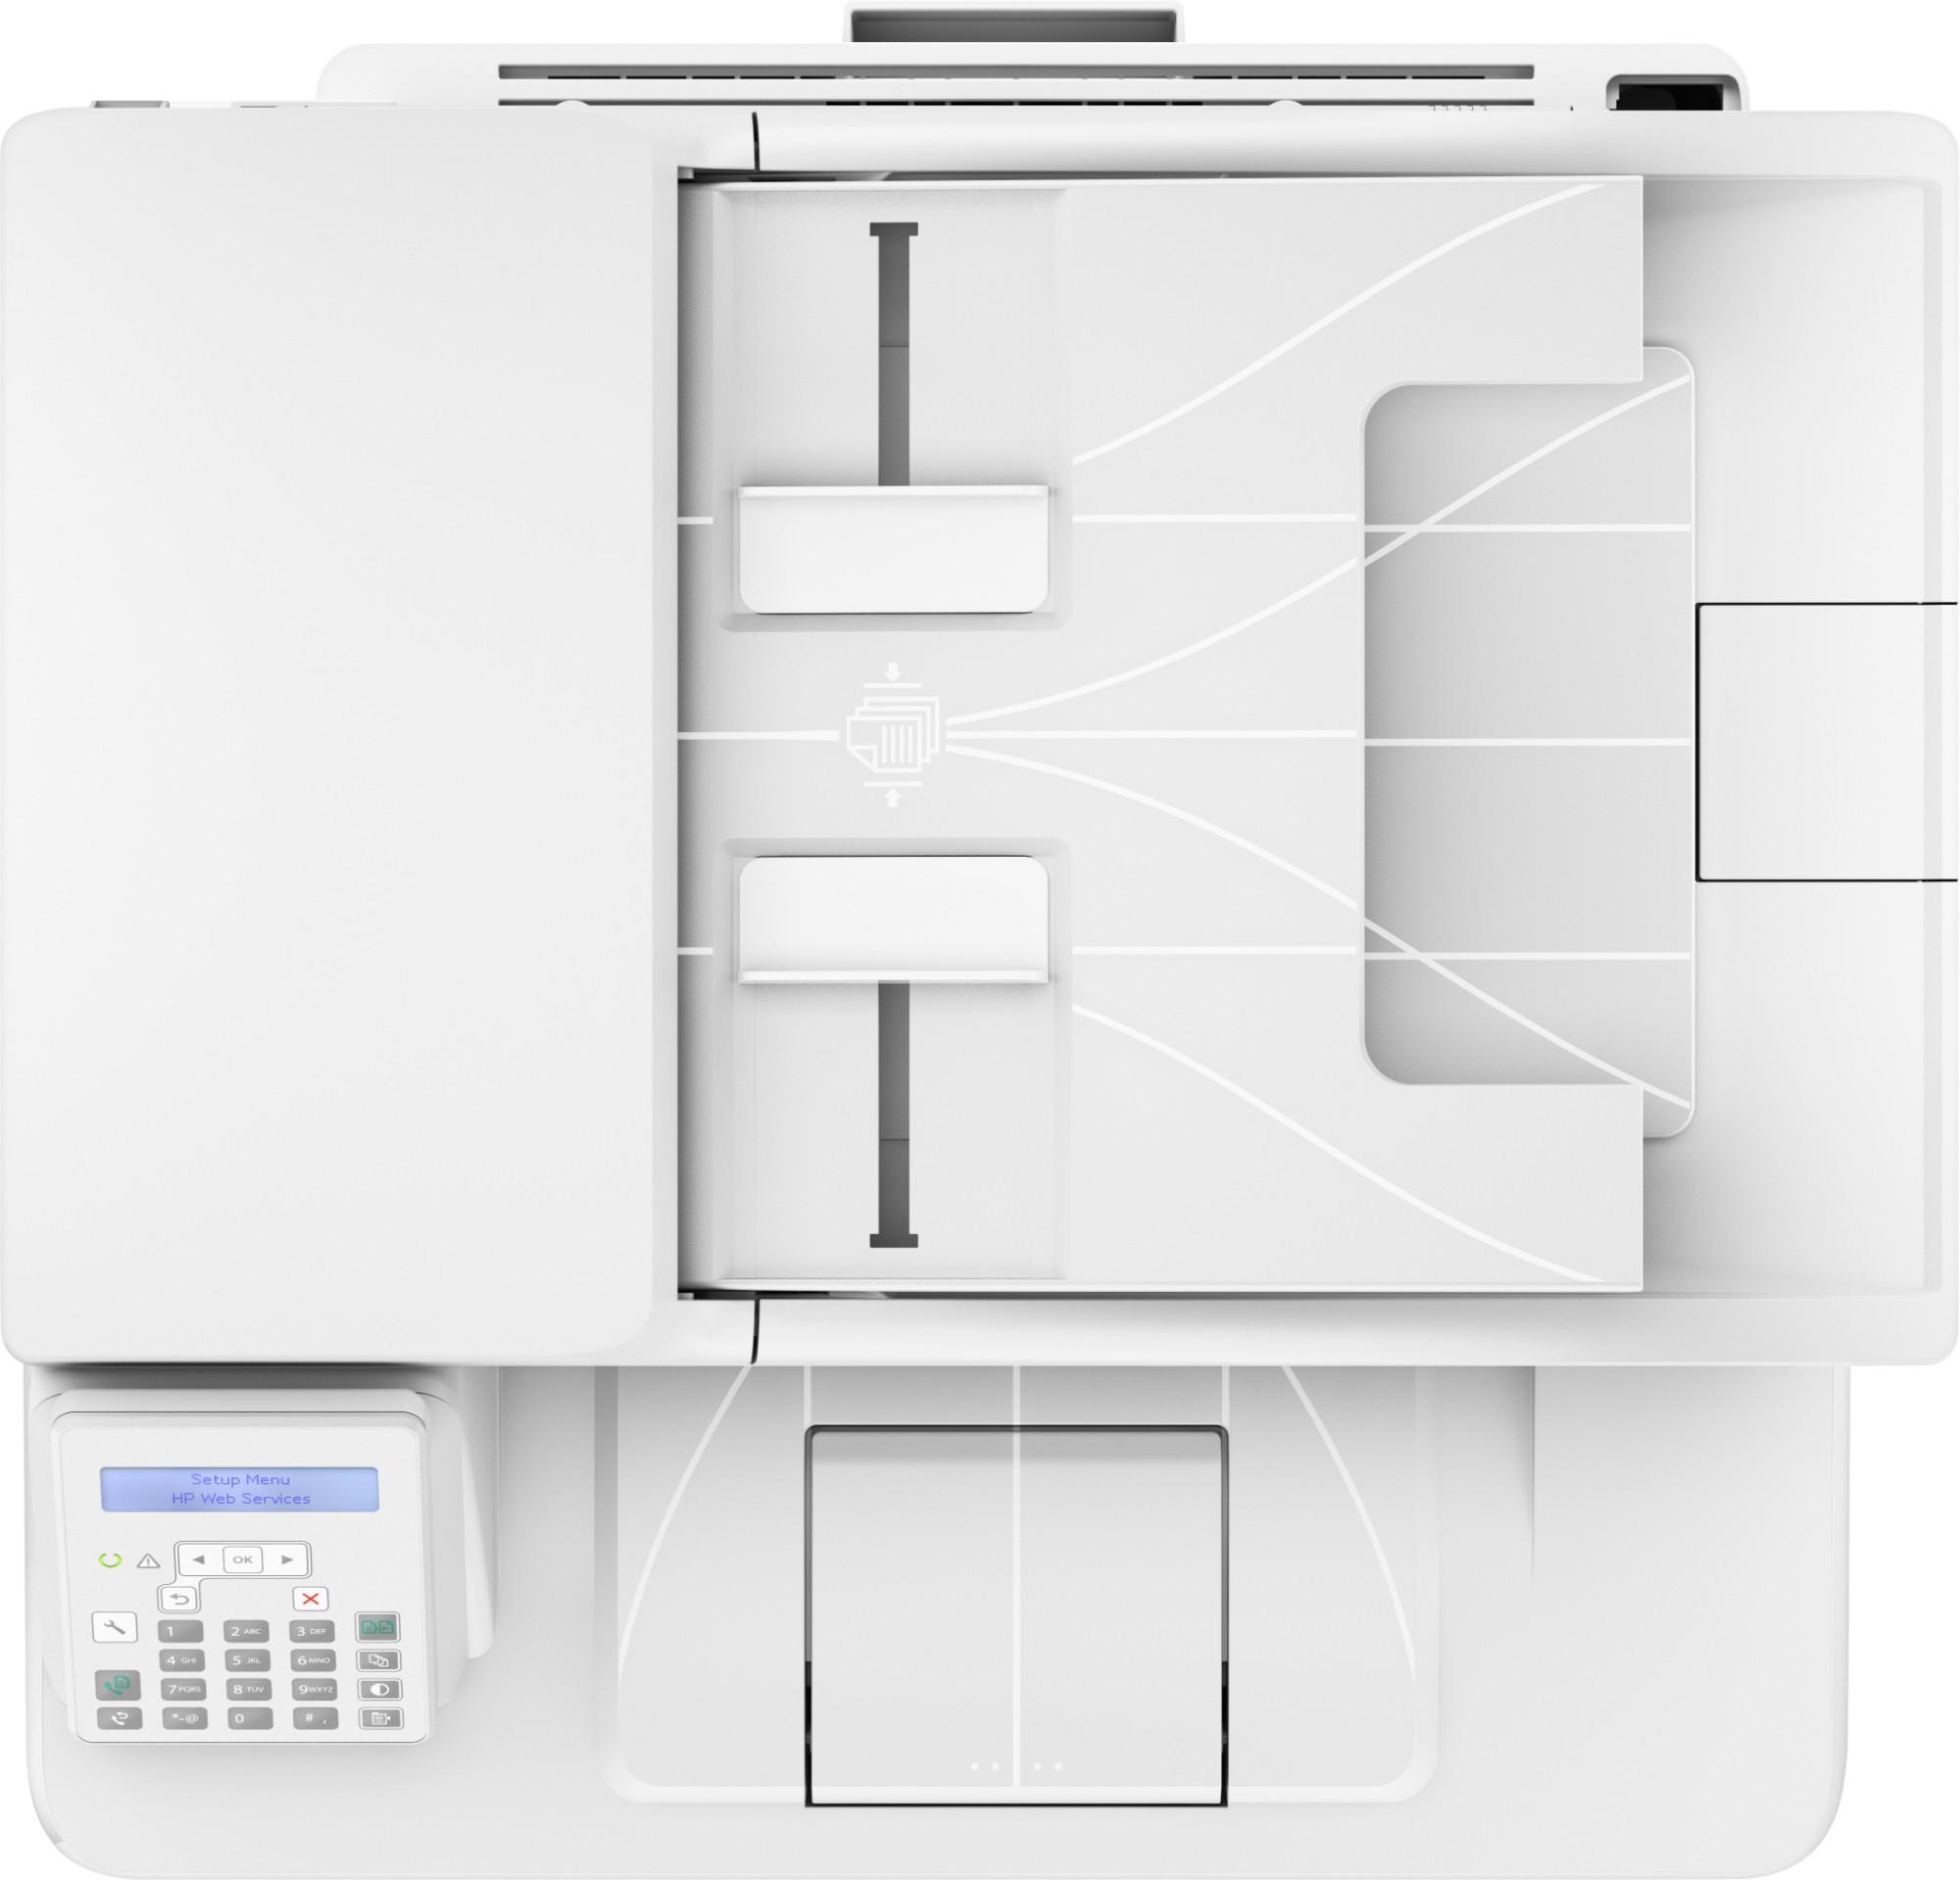 HP LaserJet Pro M227fdn Laser 1200 x 1200 DPI 30 ppm A4